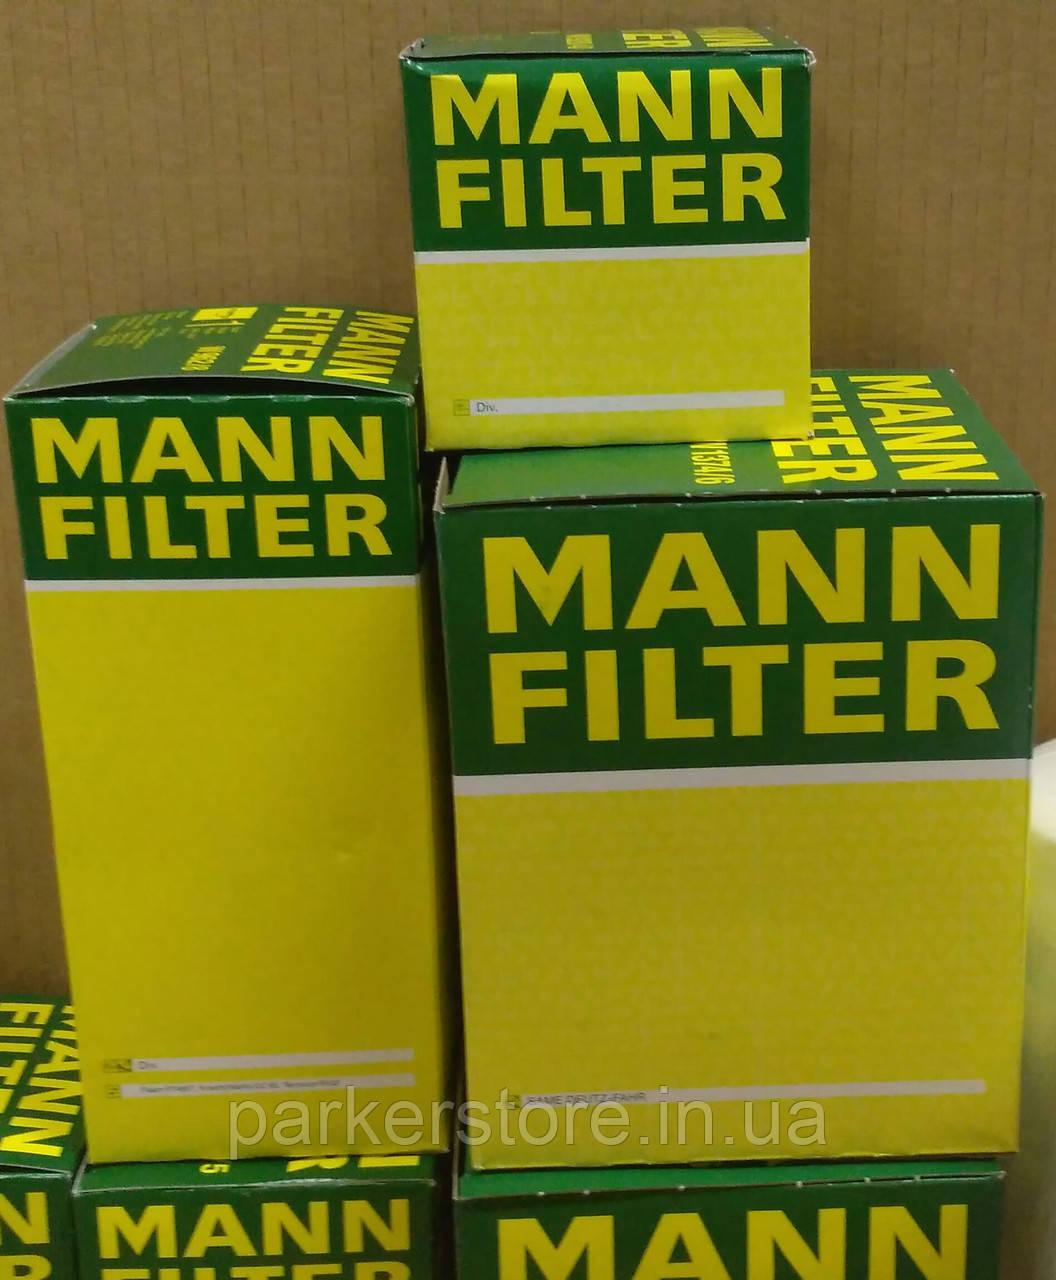 MANN FILTER / Повітряний фільтр / C 1530 / C1530